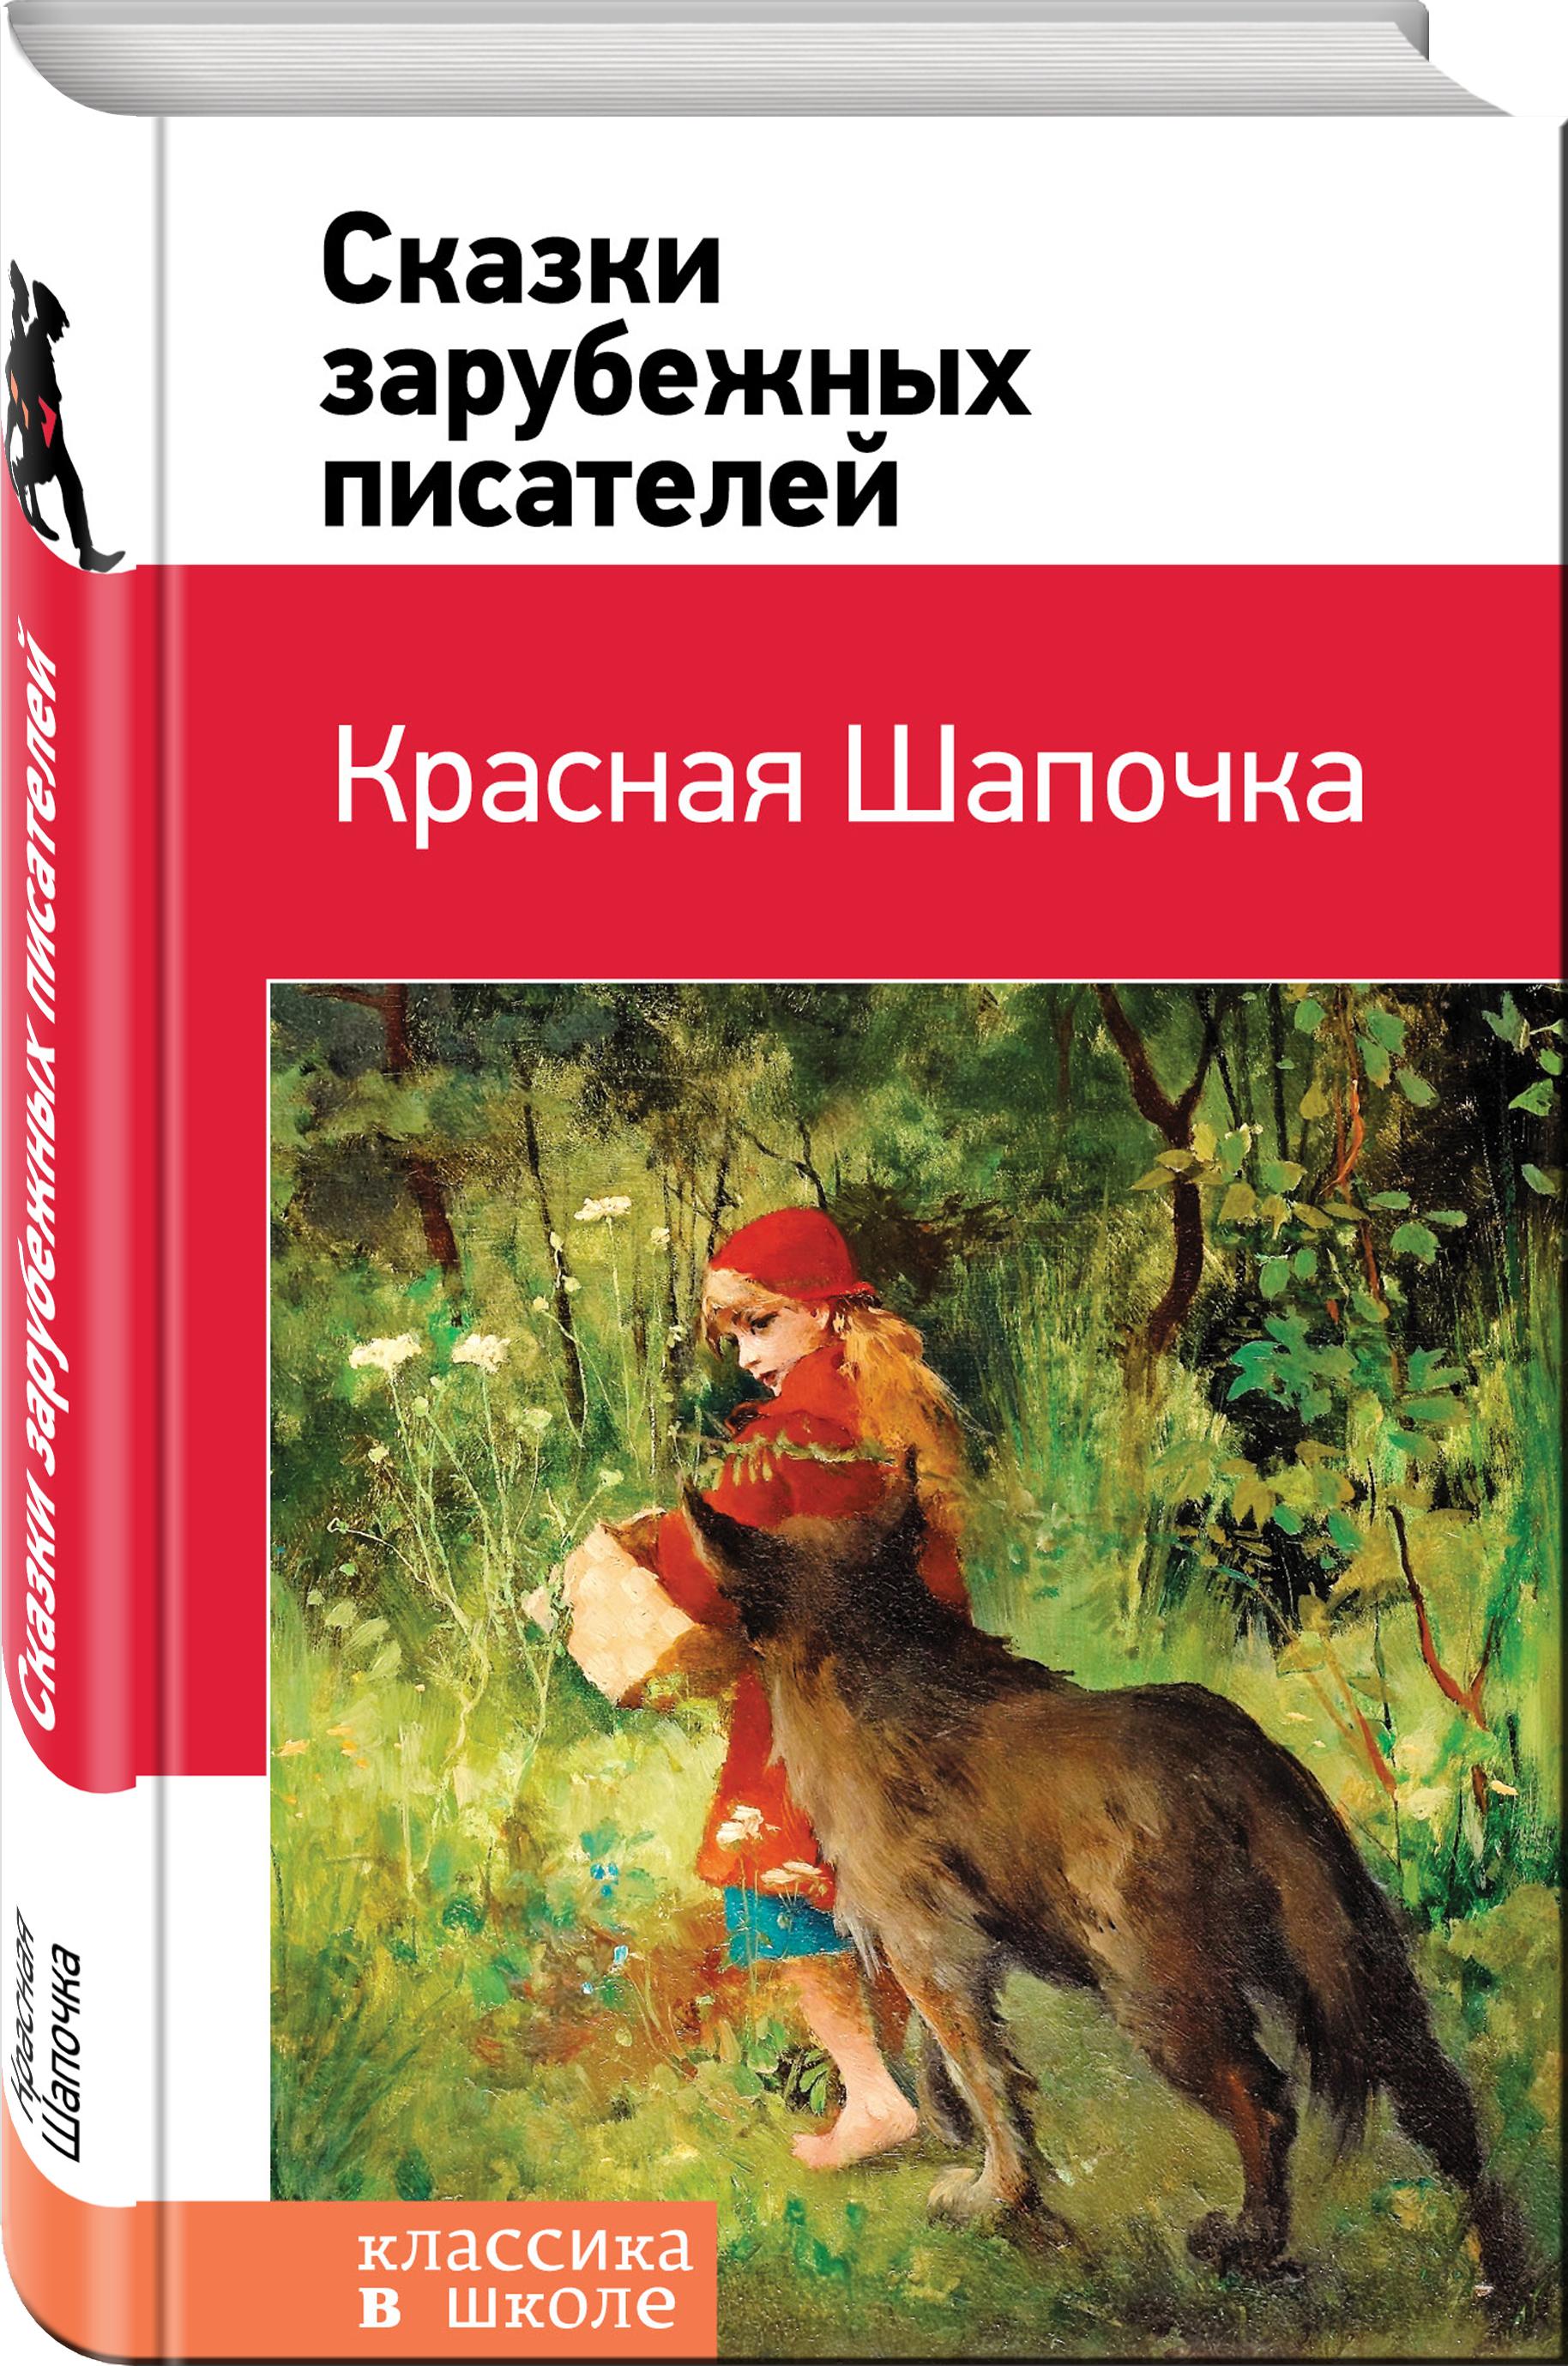 Красная Шапочка. Сказки зарубежных писателей сказки зарубежных писателей комплект из 5 книг